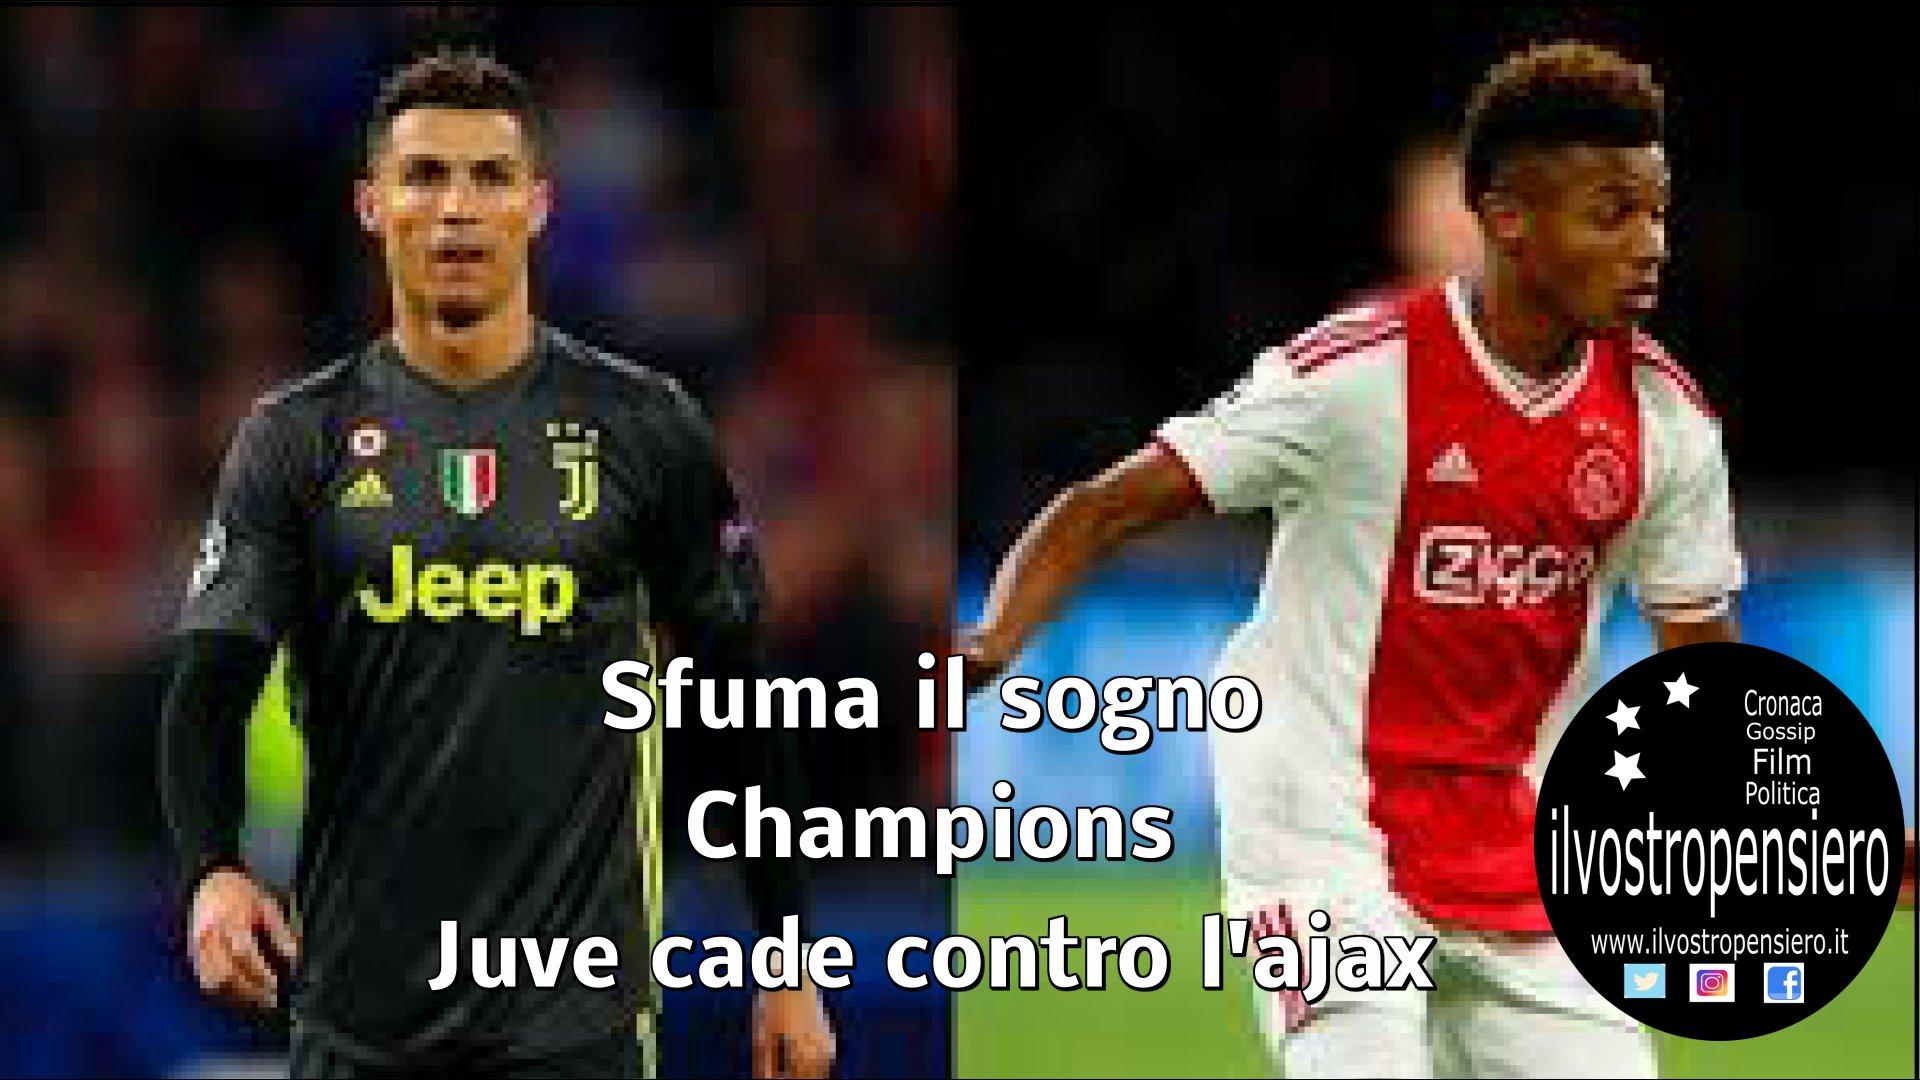 Champions league: Sfuma il sogno Champions per la Juventus cade contro l'Ajax